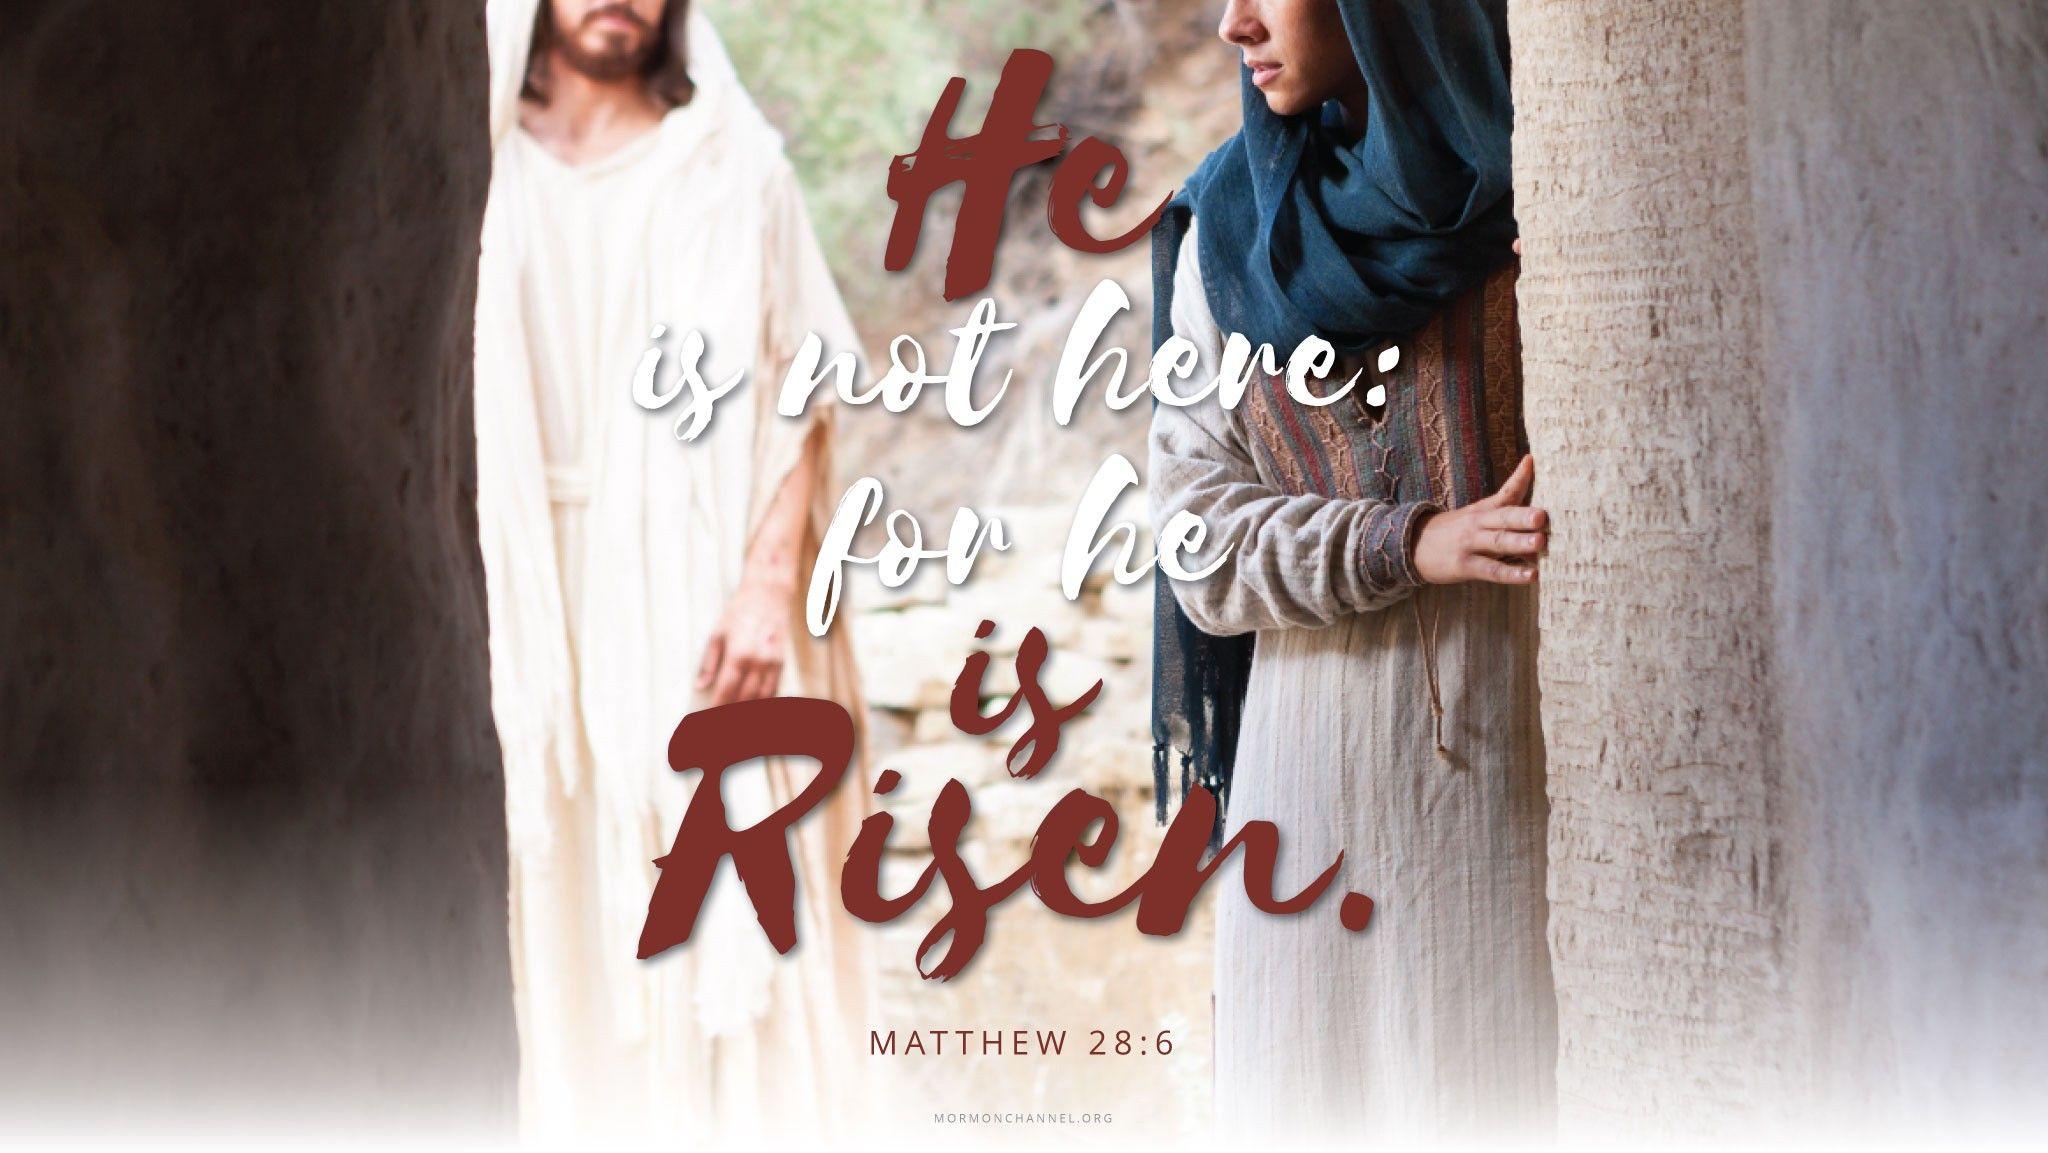 """""""He is not here: for he is risen.""""—Matthew 28:6"""